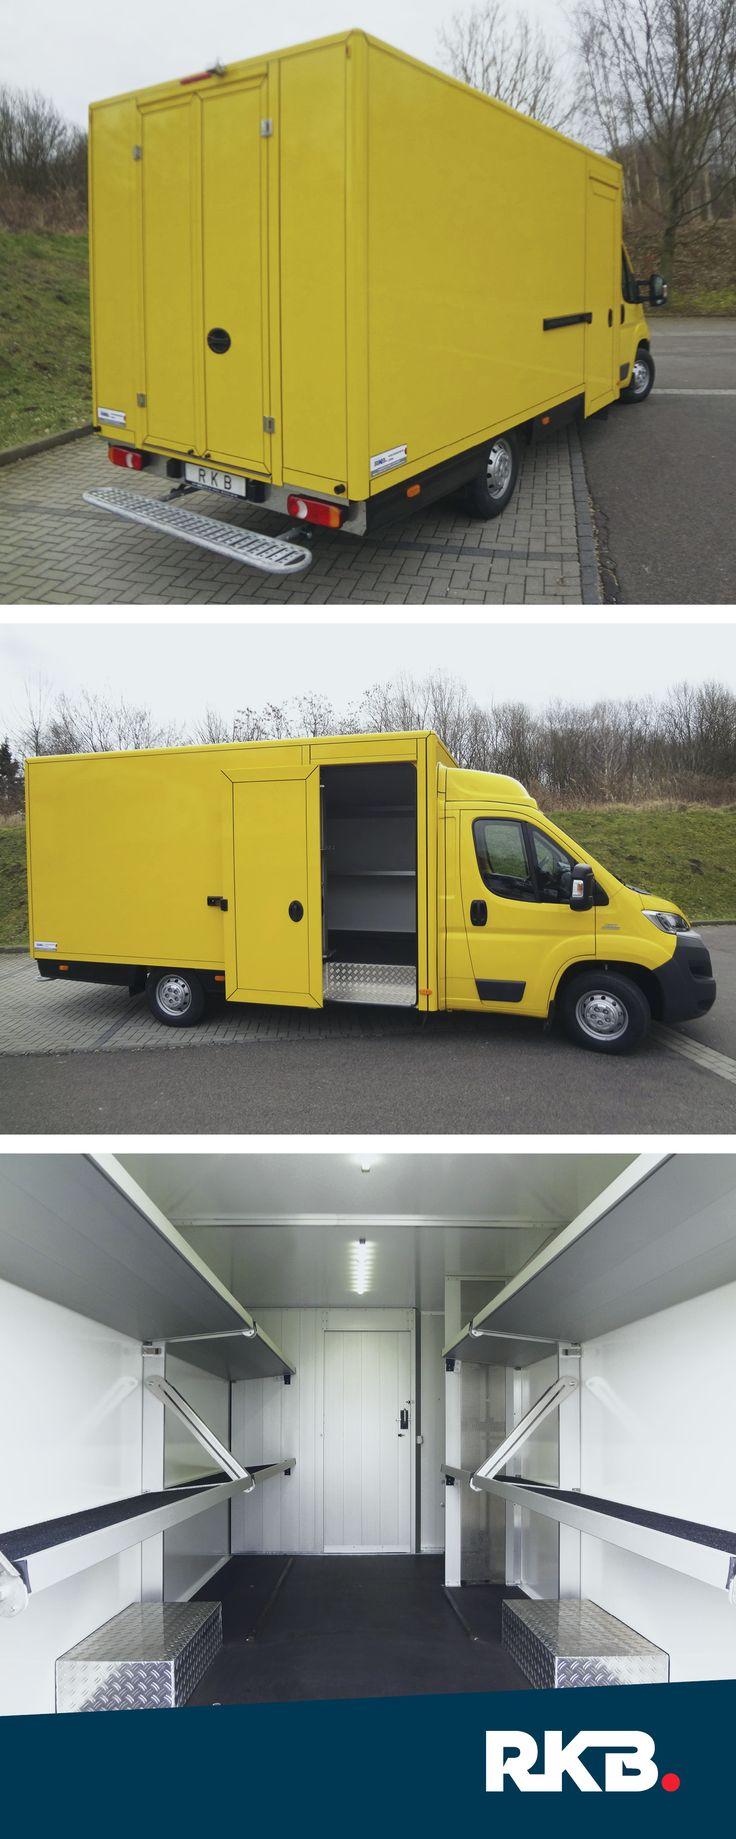 Transportfahrzeuge von RKB #RKB #Transportfahrzeuge #Delivery #Karosseriebau #ImEinsatz #VollerMöglichkeiten #Döbeln #Post #Regalsystem #Paket #Lieferdienst #Logistik